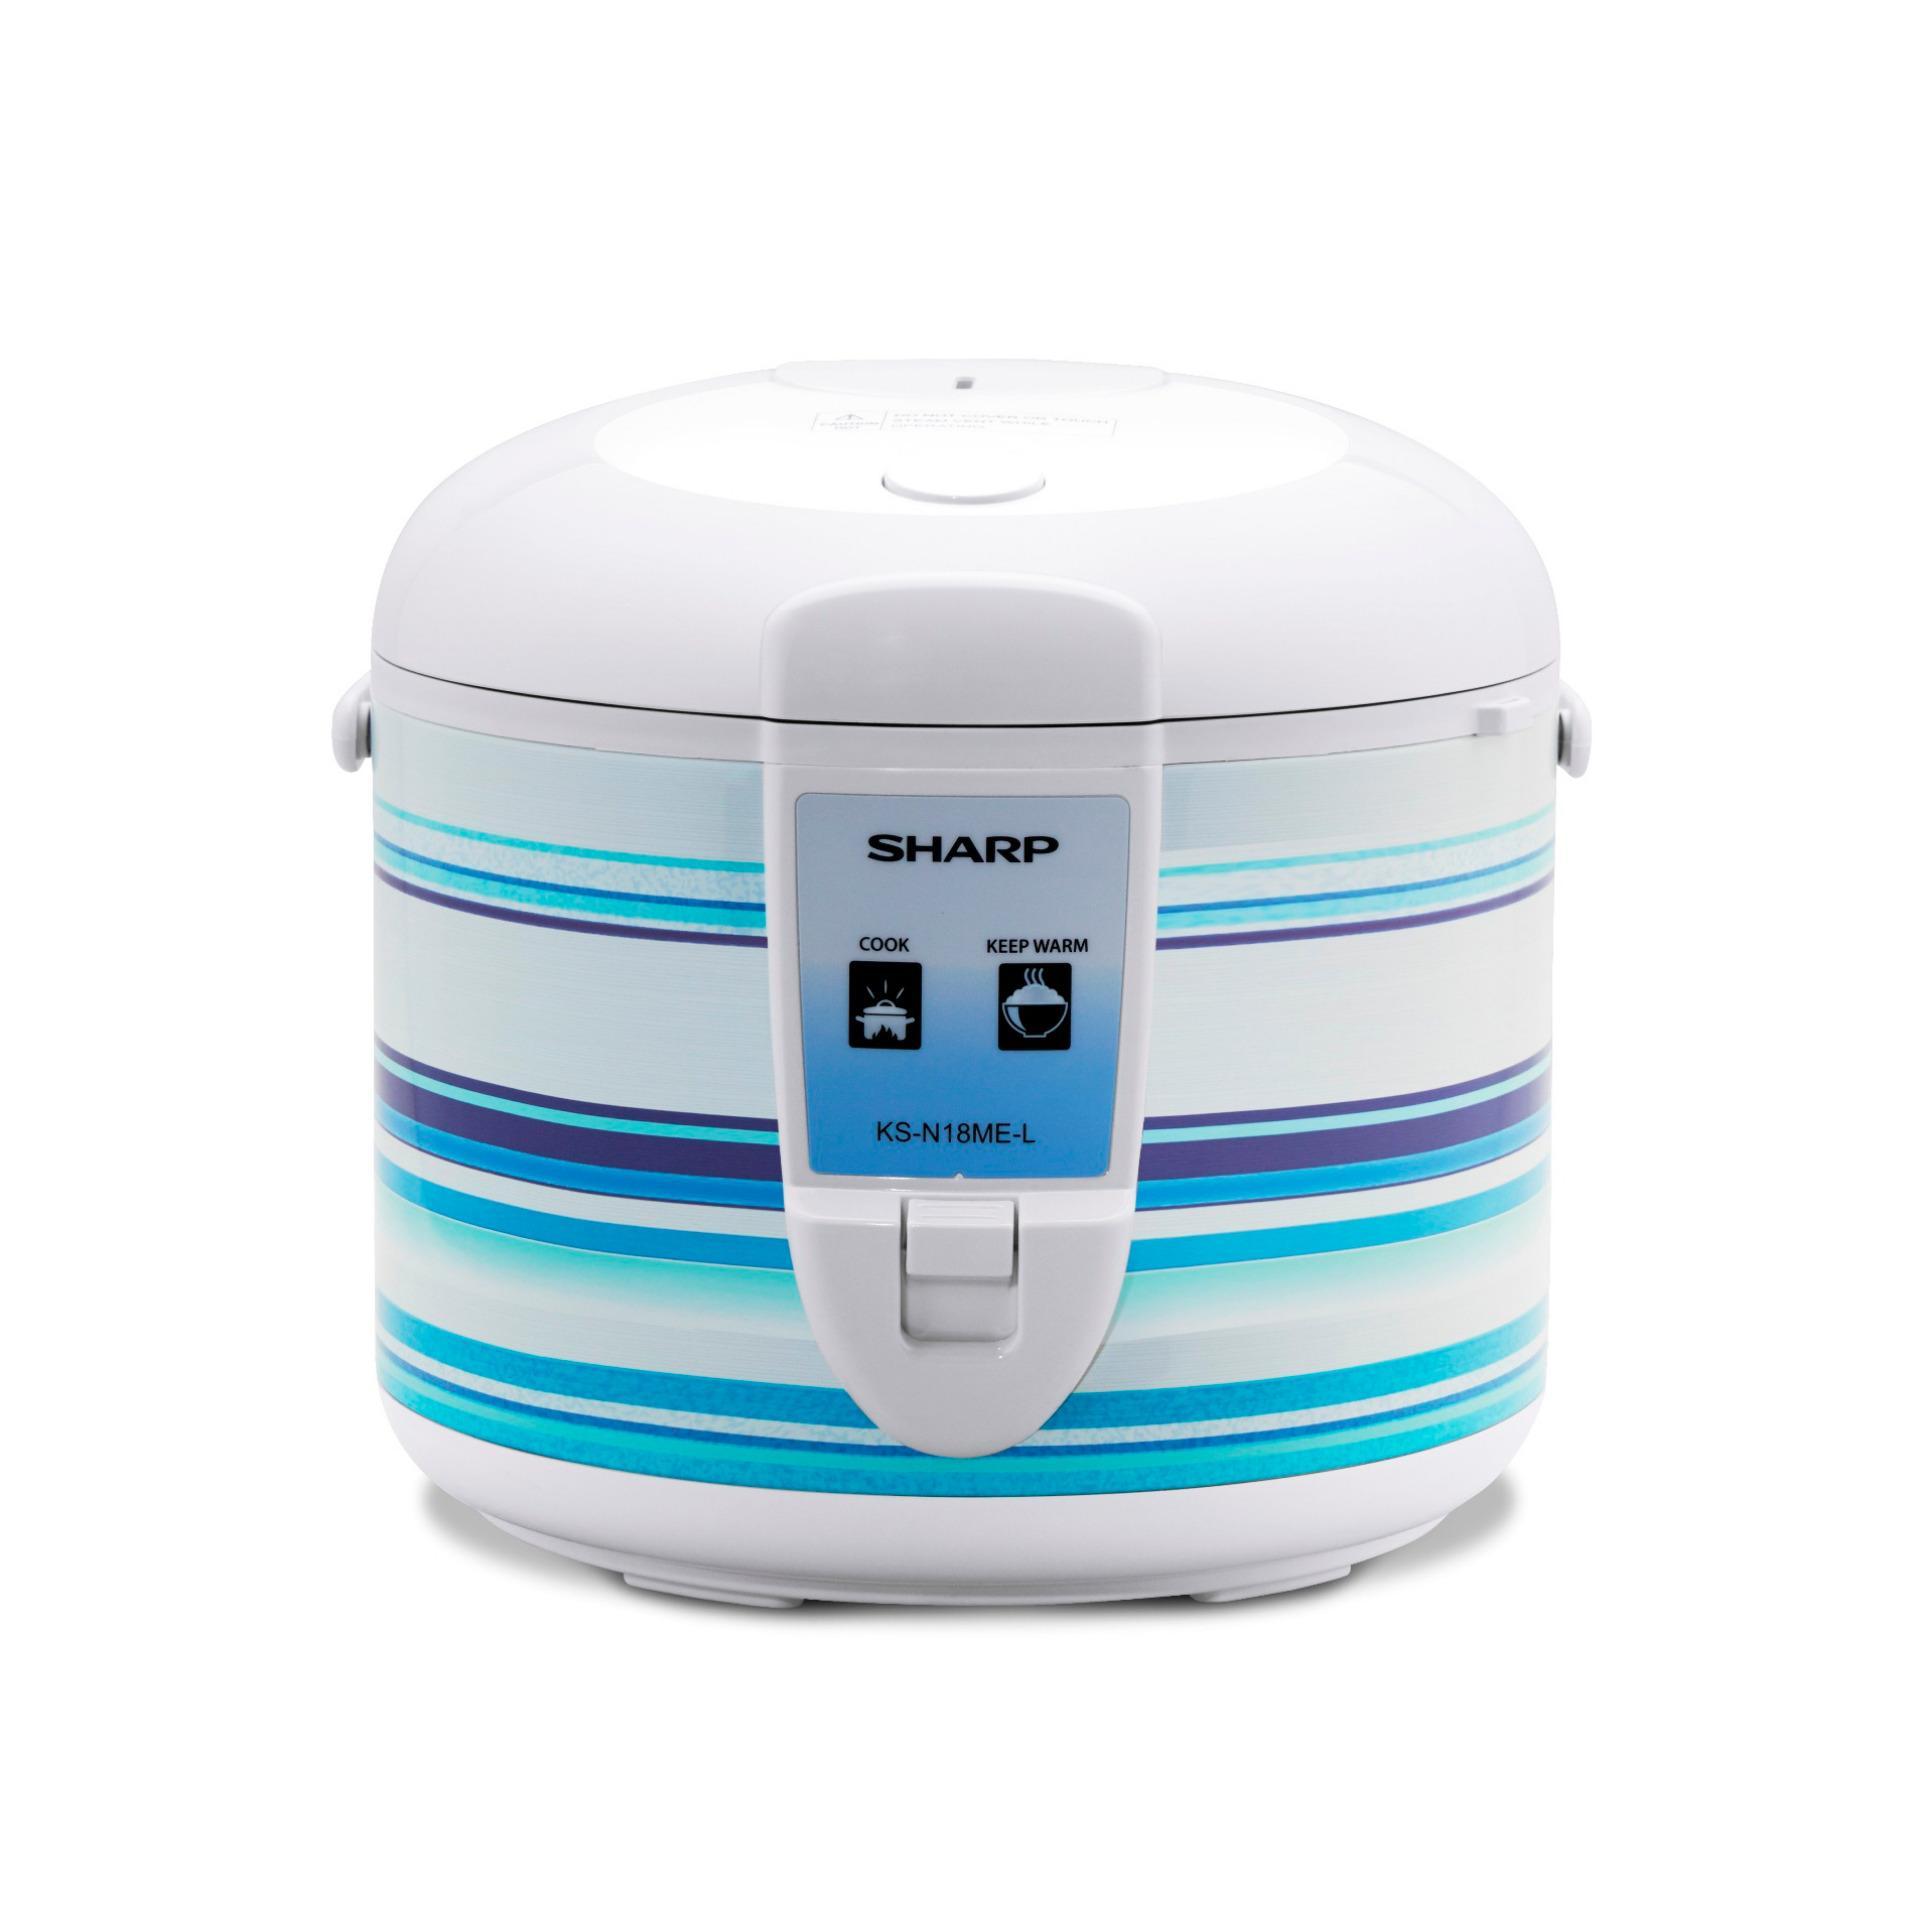 Cmos Rice Cooker Cr 40lj 18 Liter Putih Daftar Update Harga Magic Com 12l Crj10lj Sharp 3 In 1 Ks N18ms L Cap